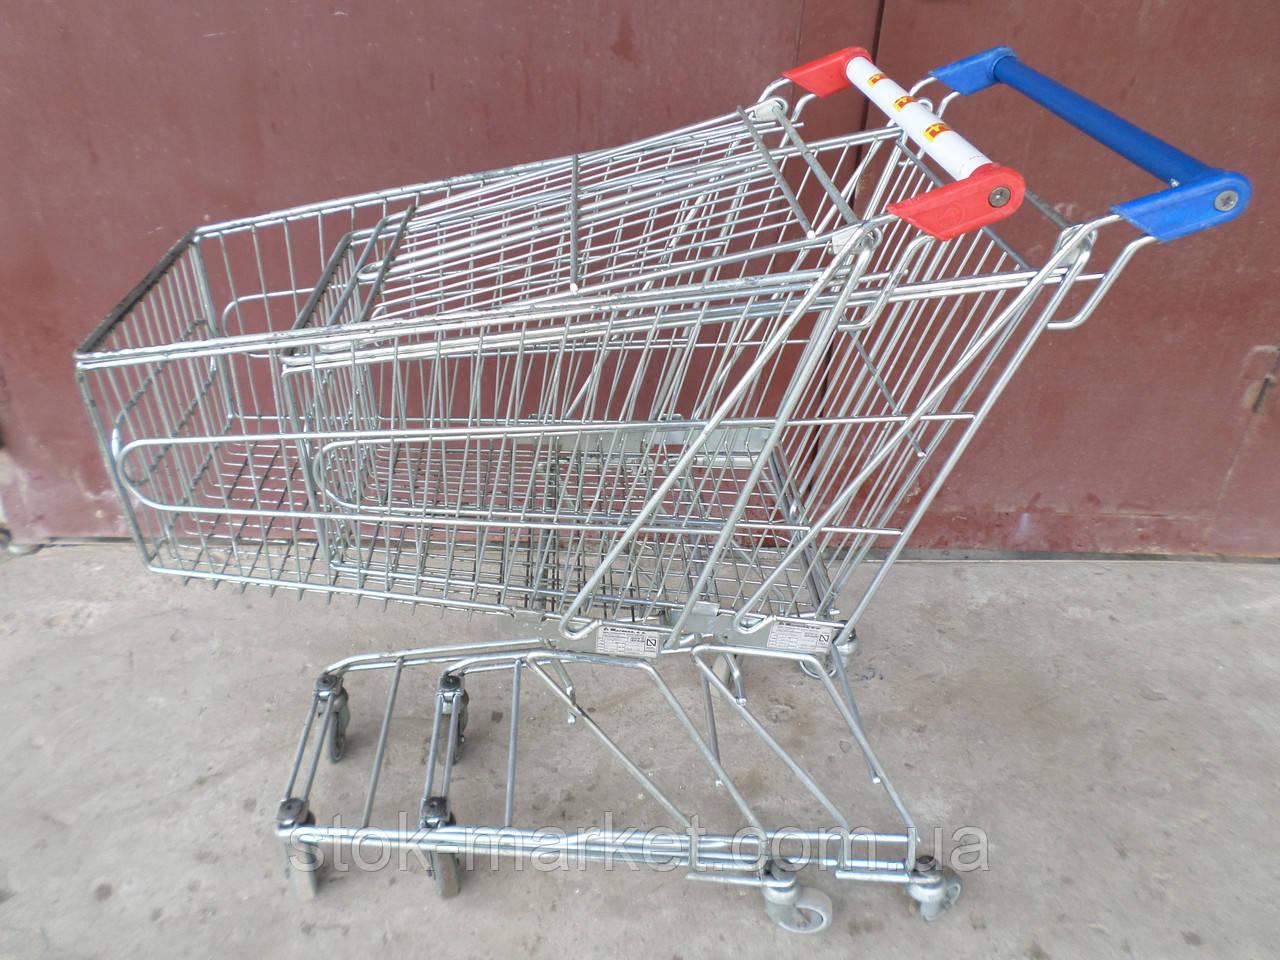 Покупательская тележка marsonz на 60 литров б/у, корзины б/у, торговые тележки б/у  marsonz, тележки б у, теле